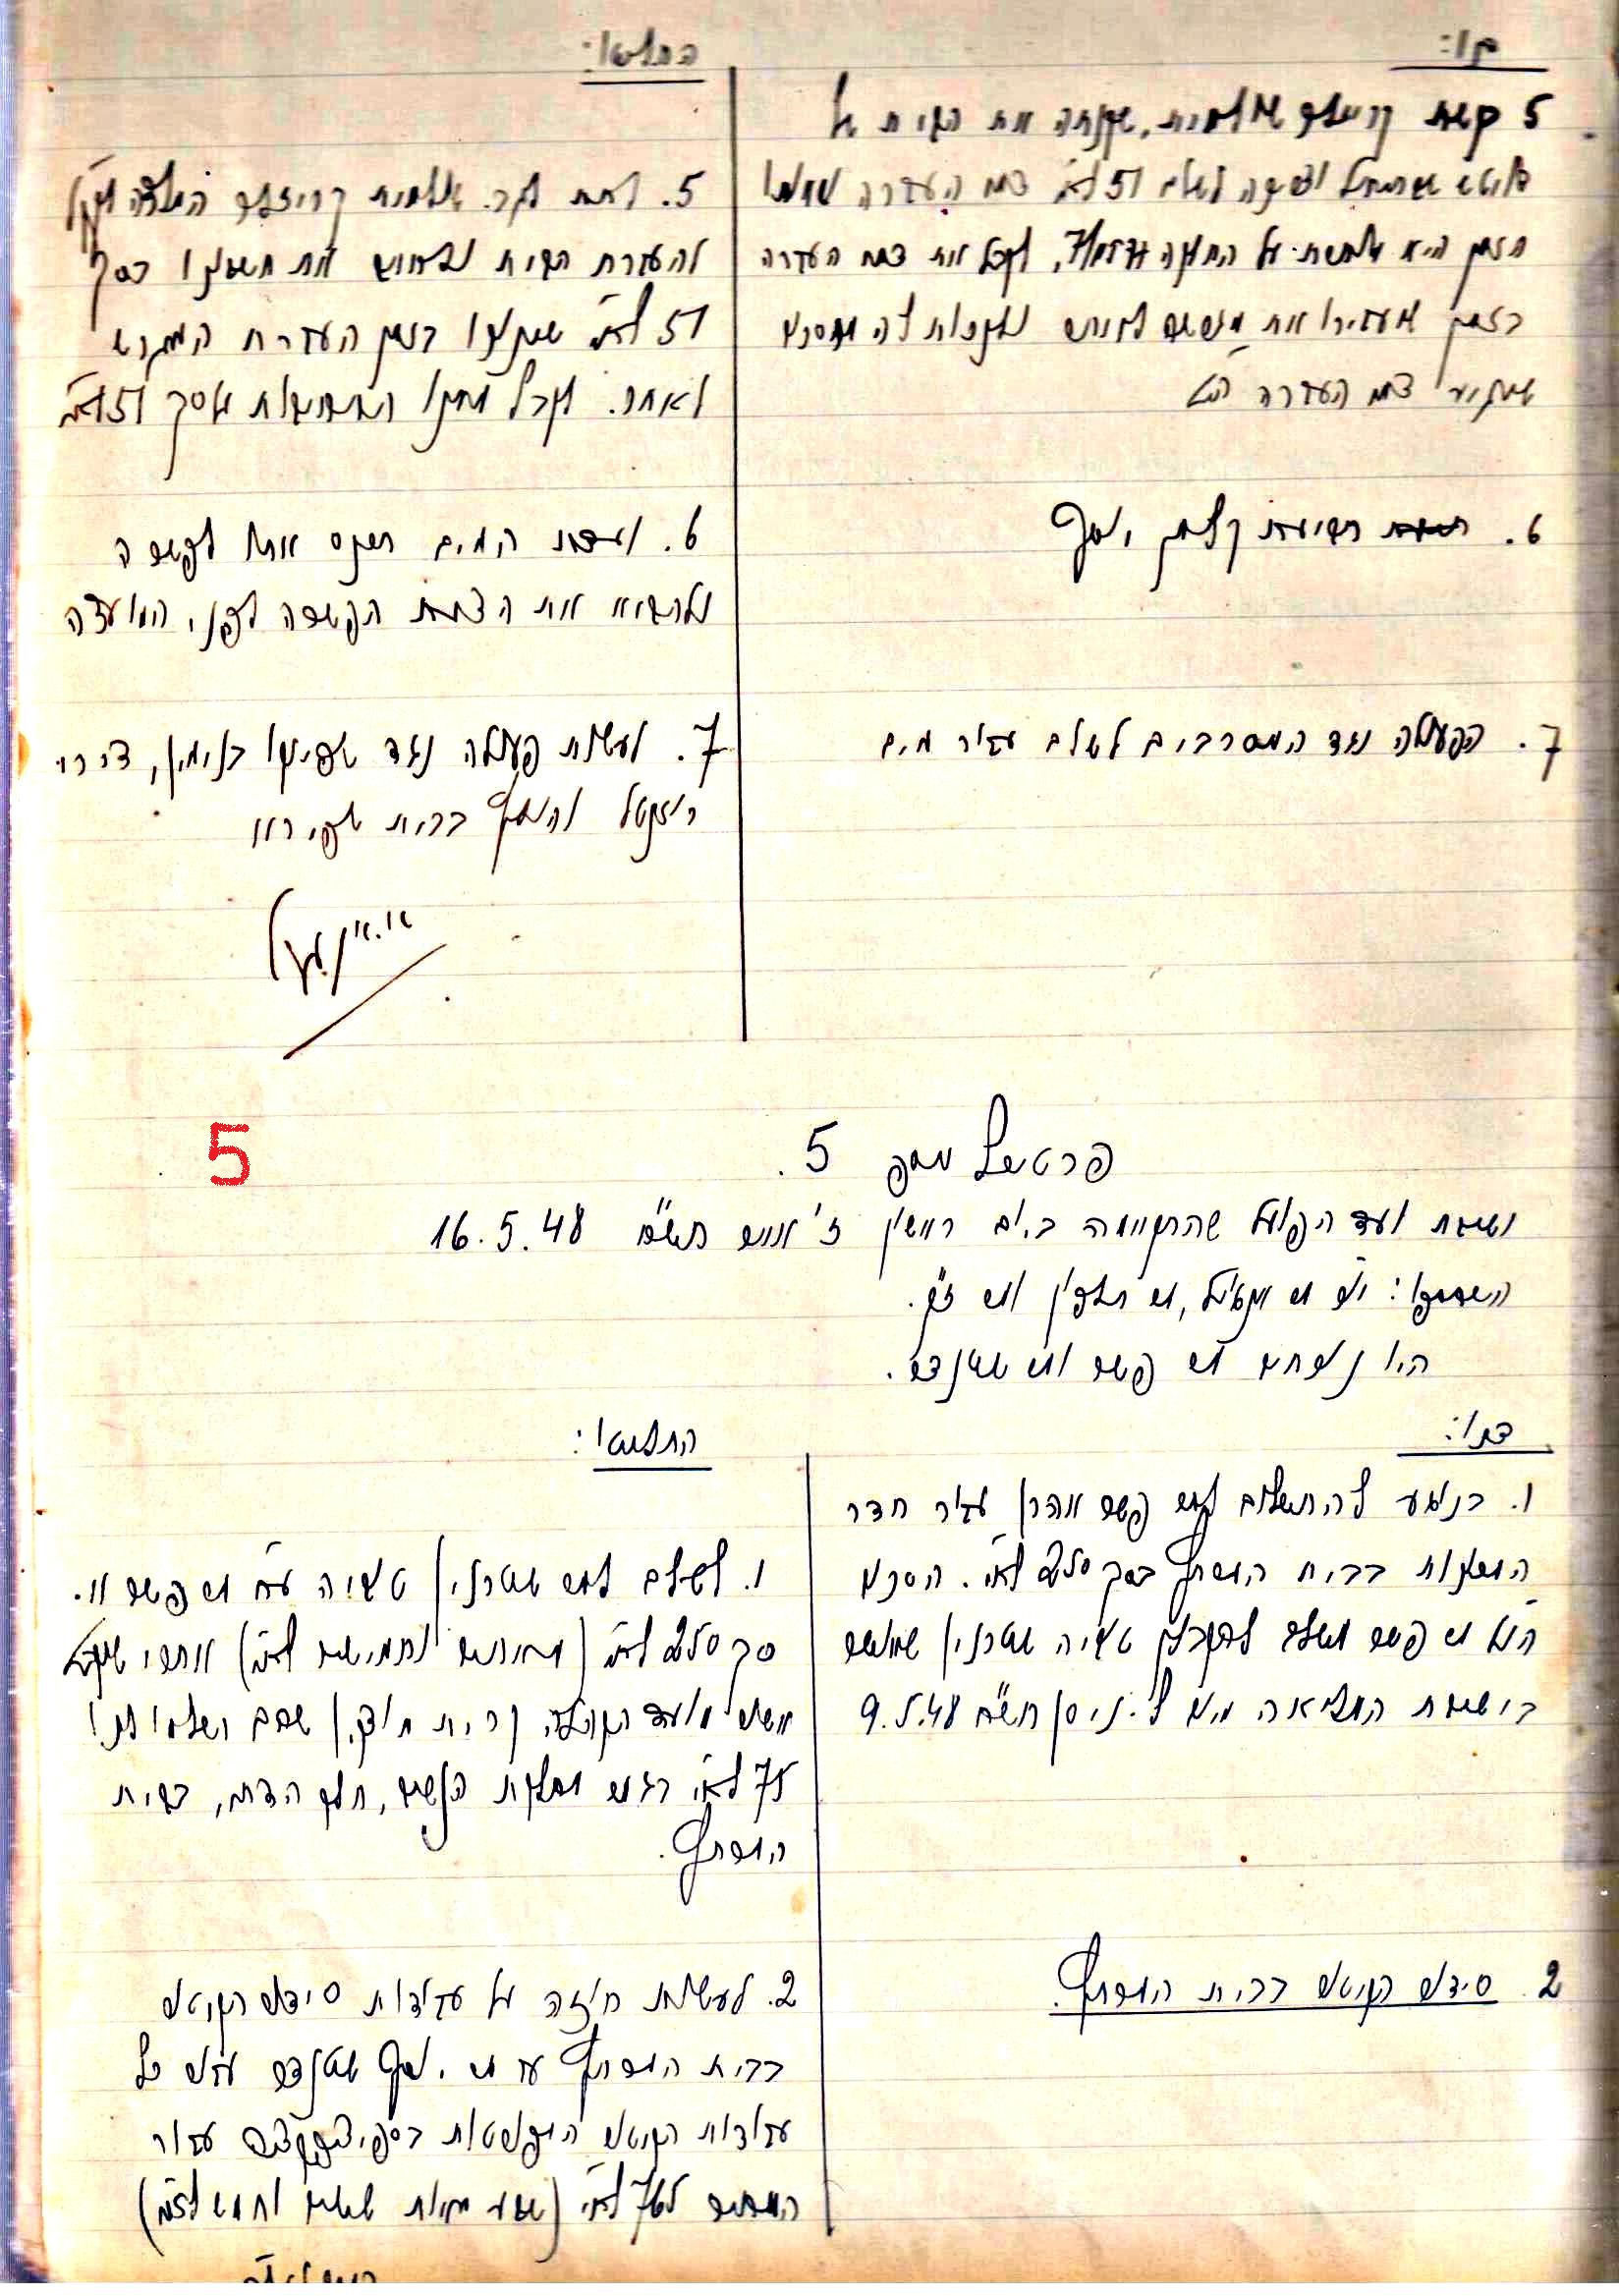 פרוטוקולים 2 – הנהלה – 18.7.48 – 27.7.37 by riki deri - Illustrated by מוזיאון בית גרושקביץ / כרך 2 - Ourboox.com